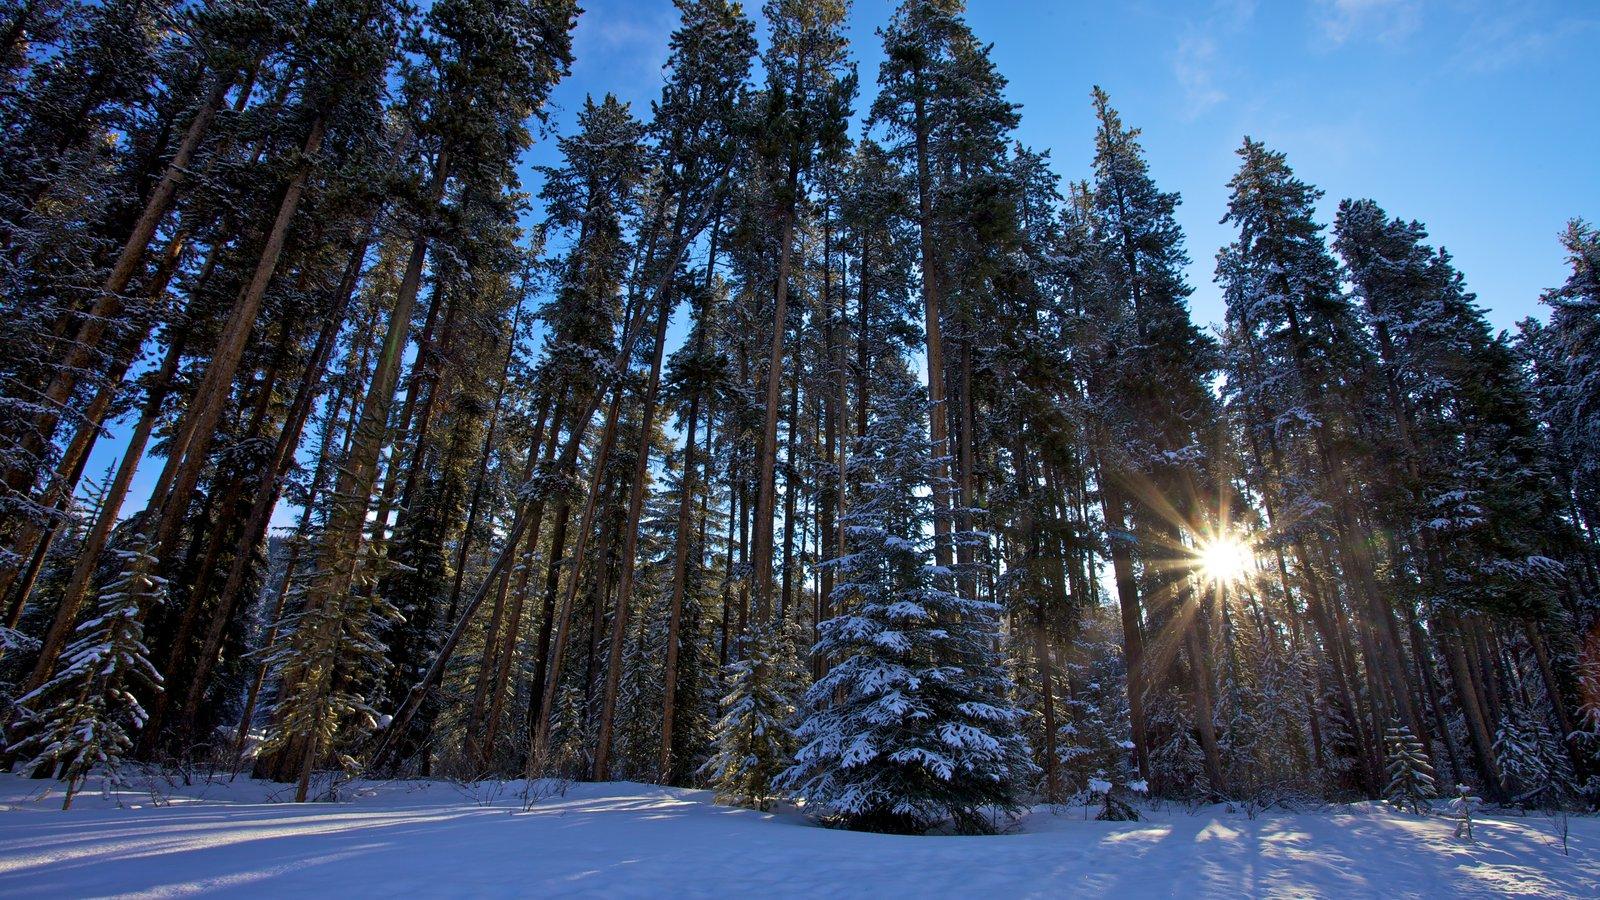 Calgary que incluye escenas forestales y nieve